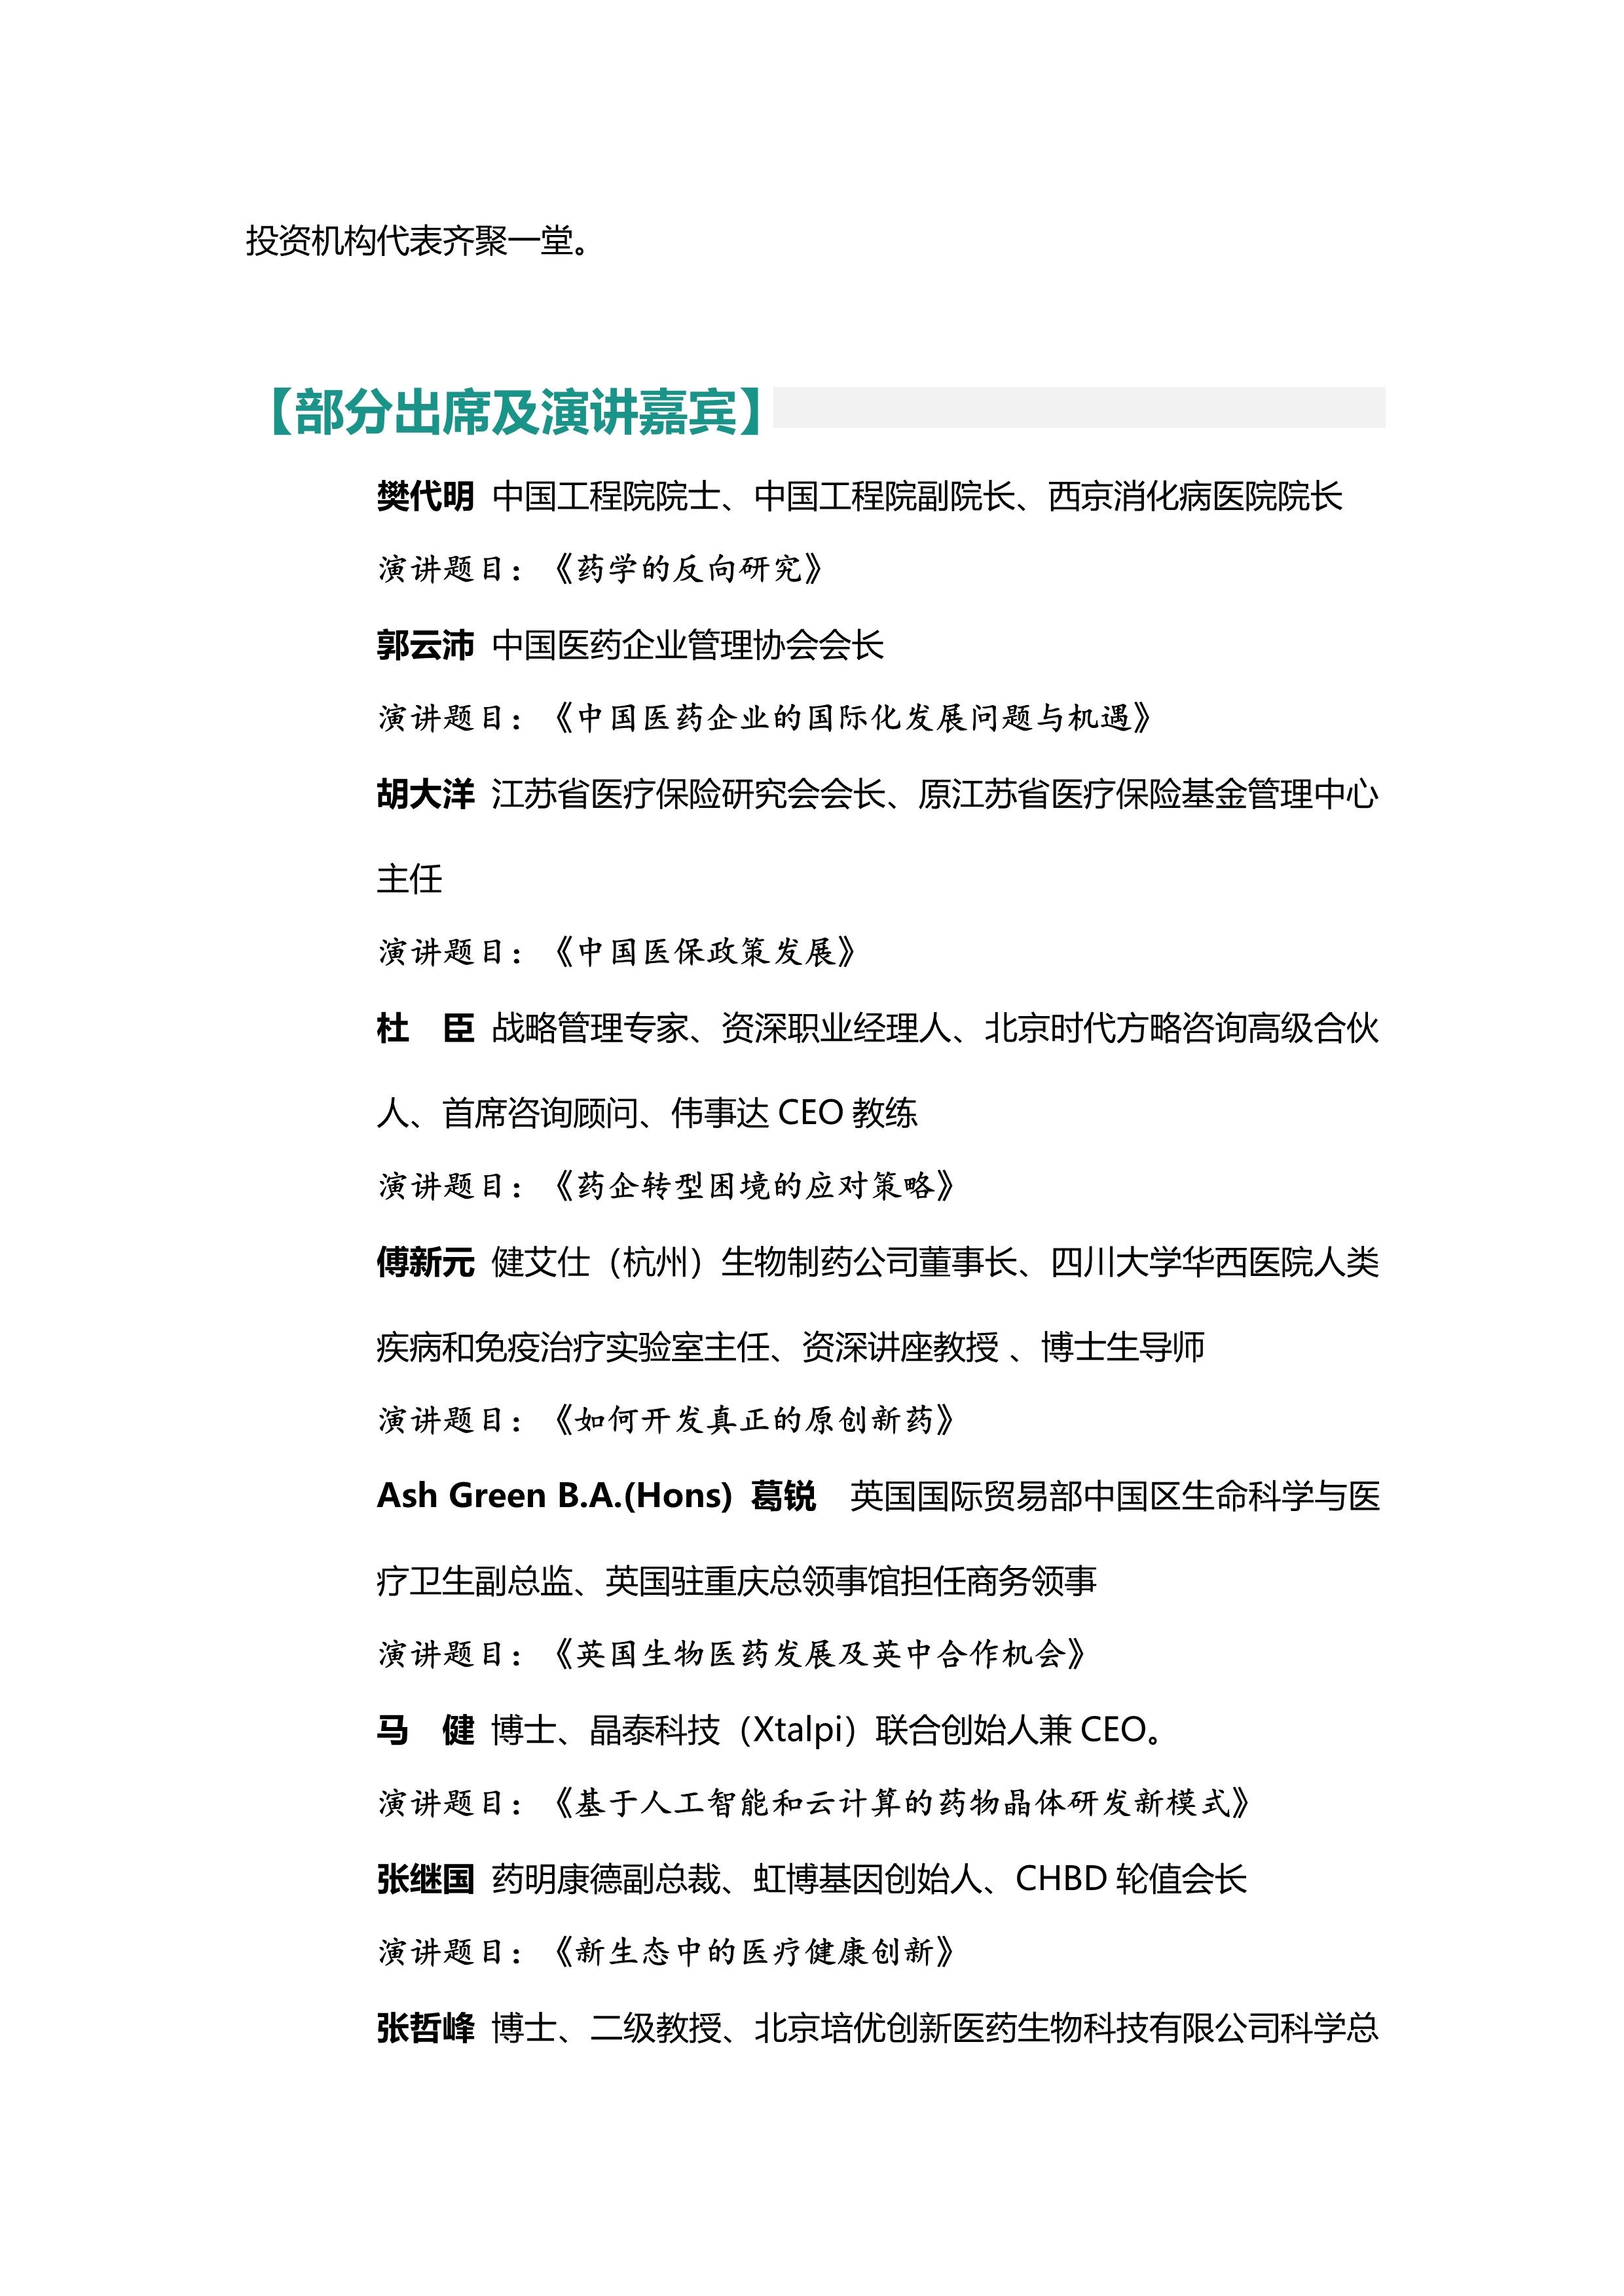 2019年第四届中国医药研发•创新峰会-邀请函0529(1)_6